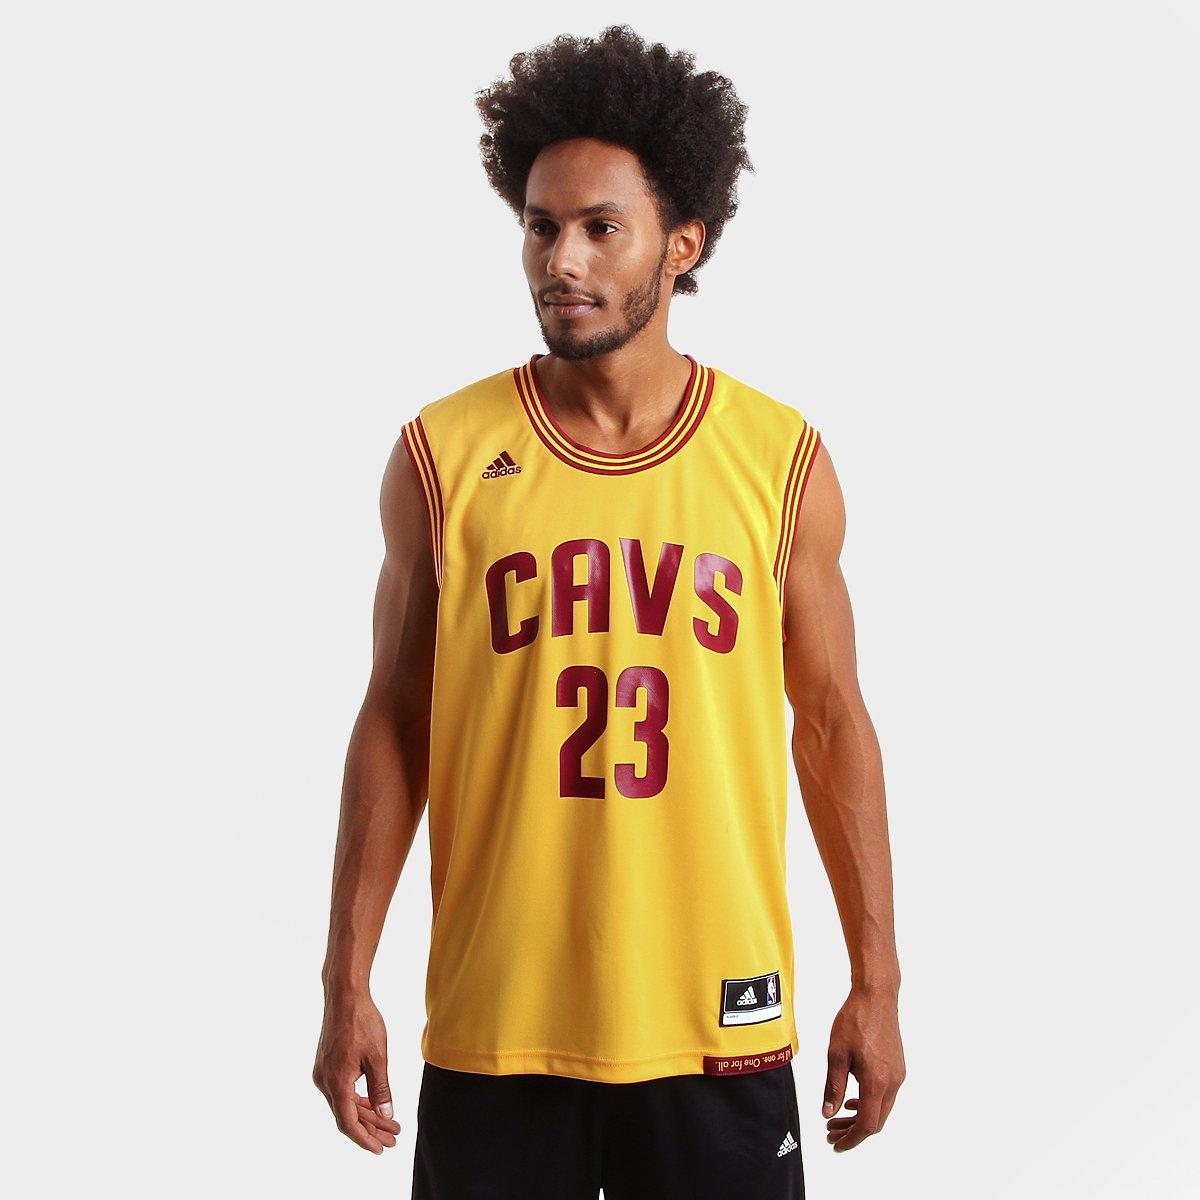 Camiseta Regata Adidas NBA Cleveland Cavaliers - James - Compre Agora  12caf78a97e